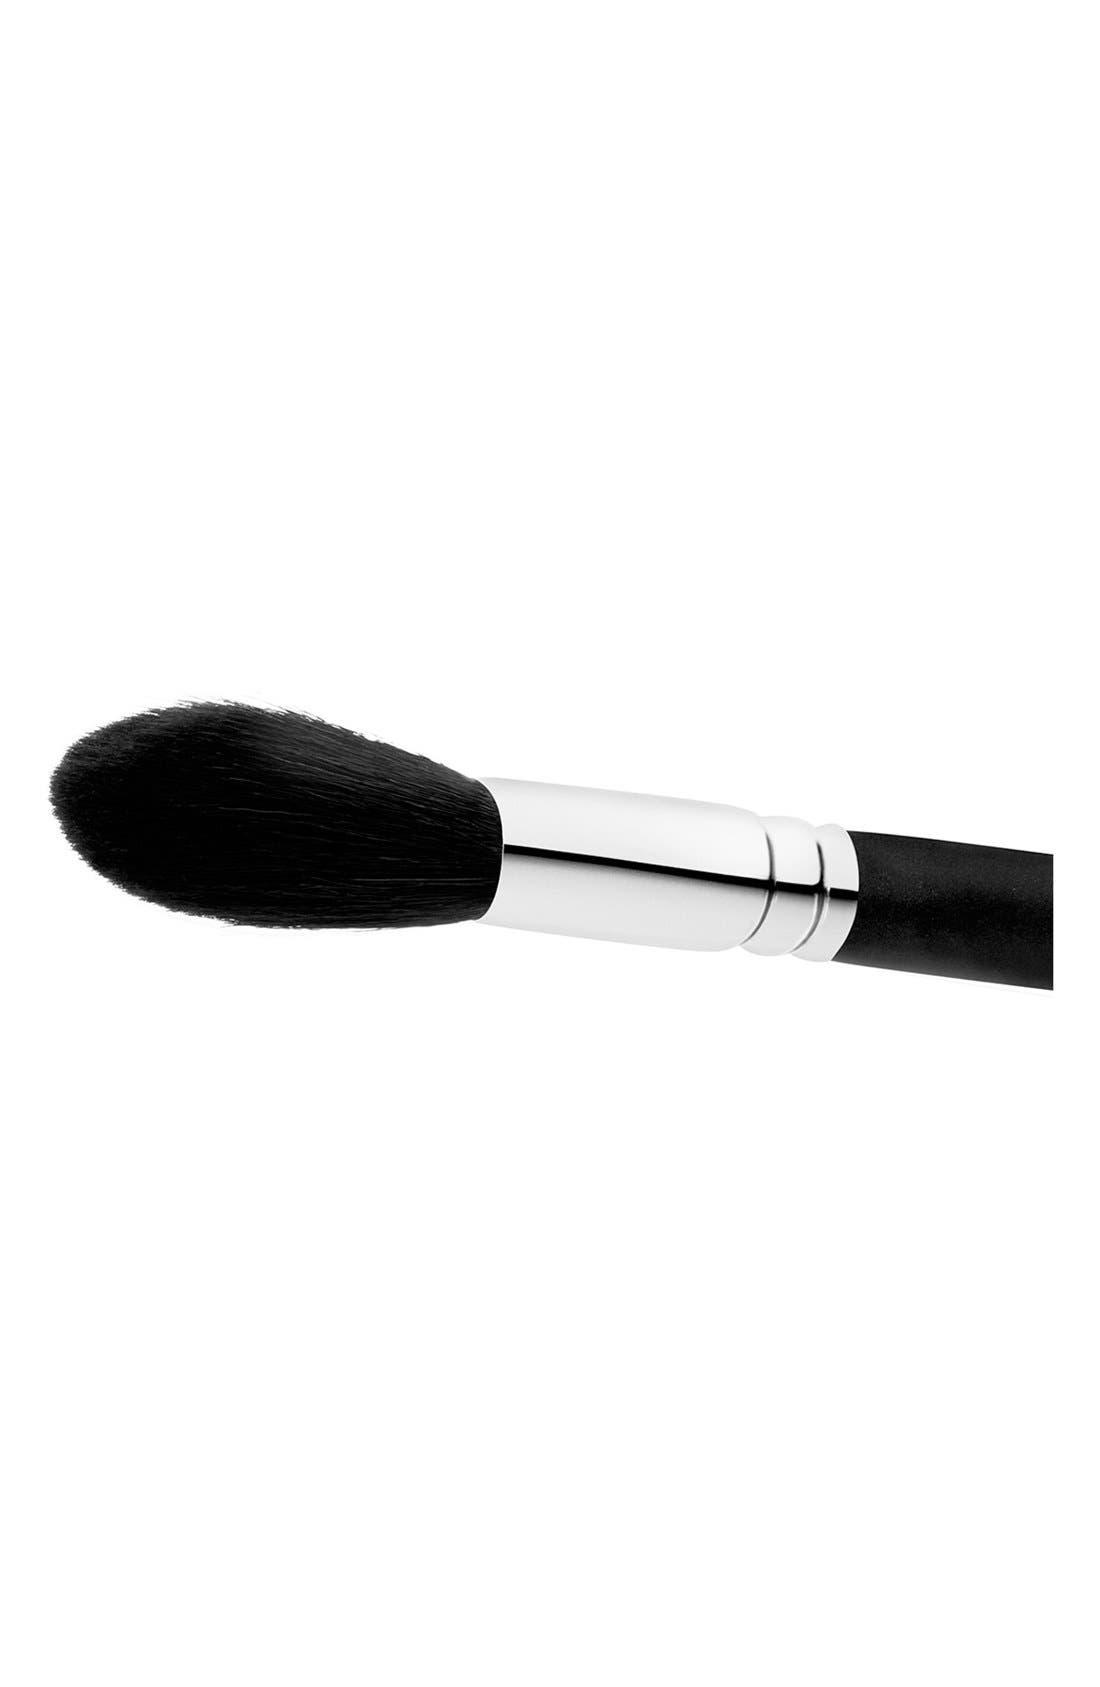 MAC 129SH Powder/Blush Brush,                             Alternate thumbnail 3, color,                             000